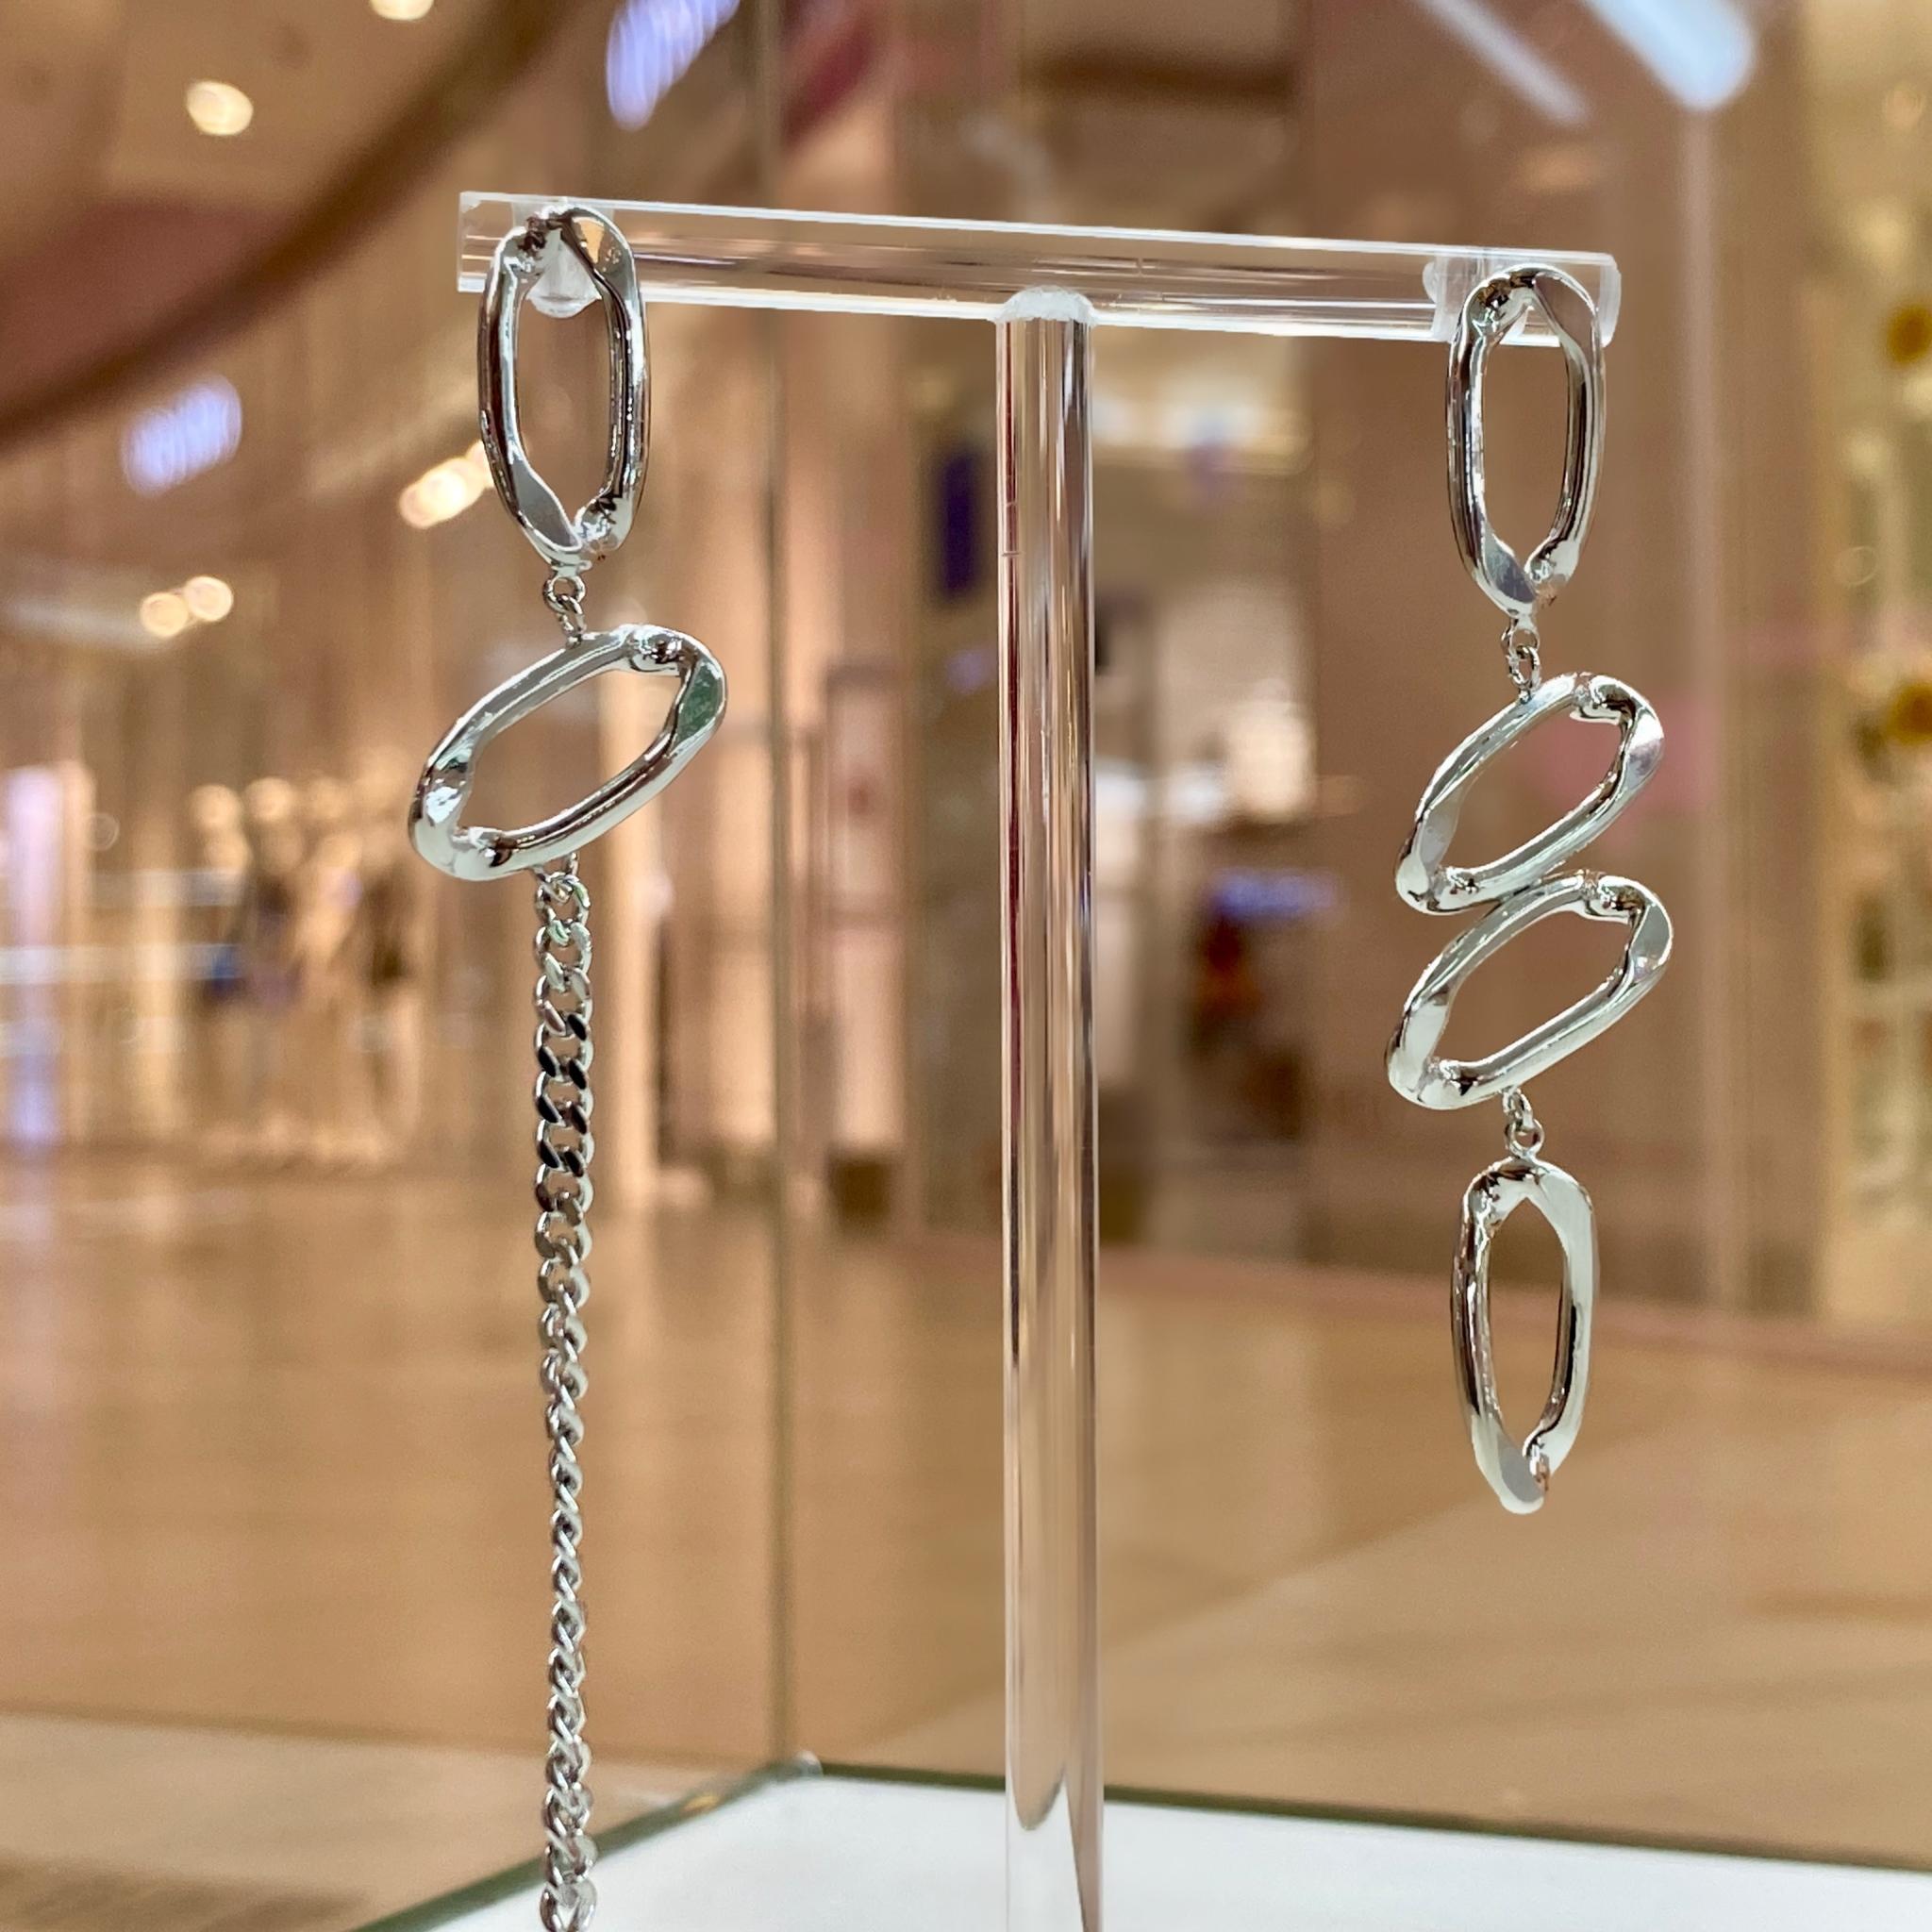 Серьги асимметричные с овальными звеньями и цепочкой (серебристый)